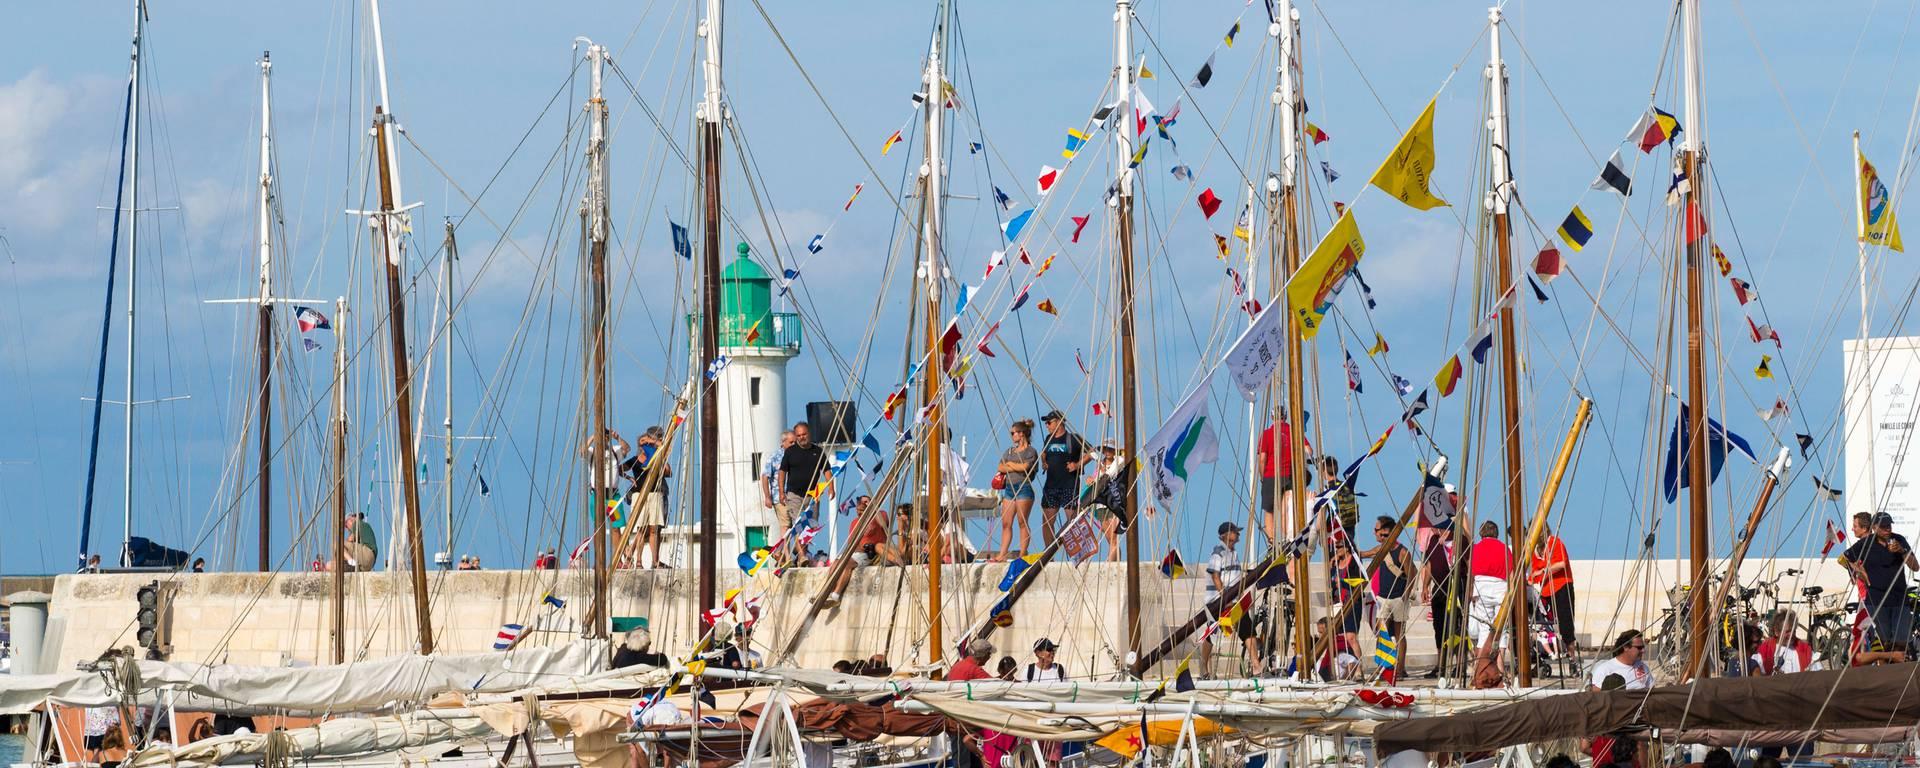 ambiances fêt sur le port de la Flotte par ©Yann-Werdefroy-(5)